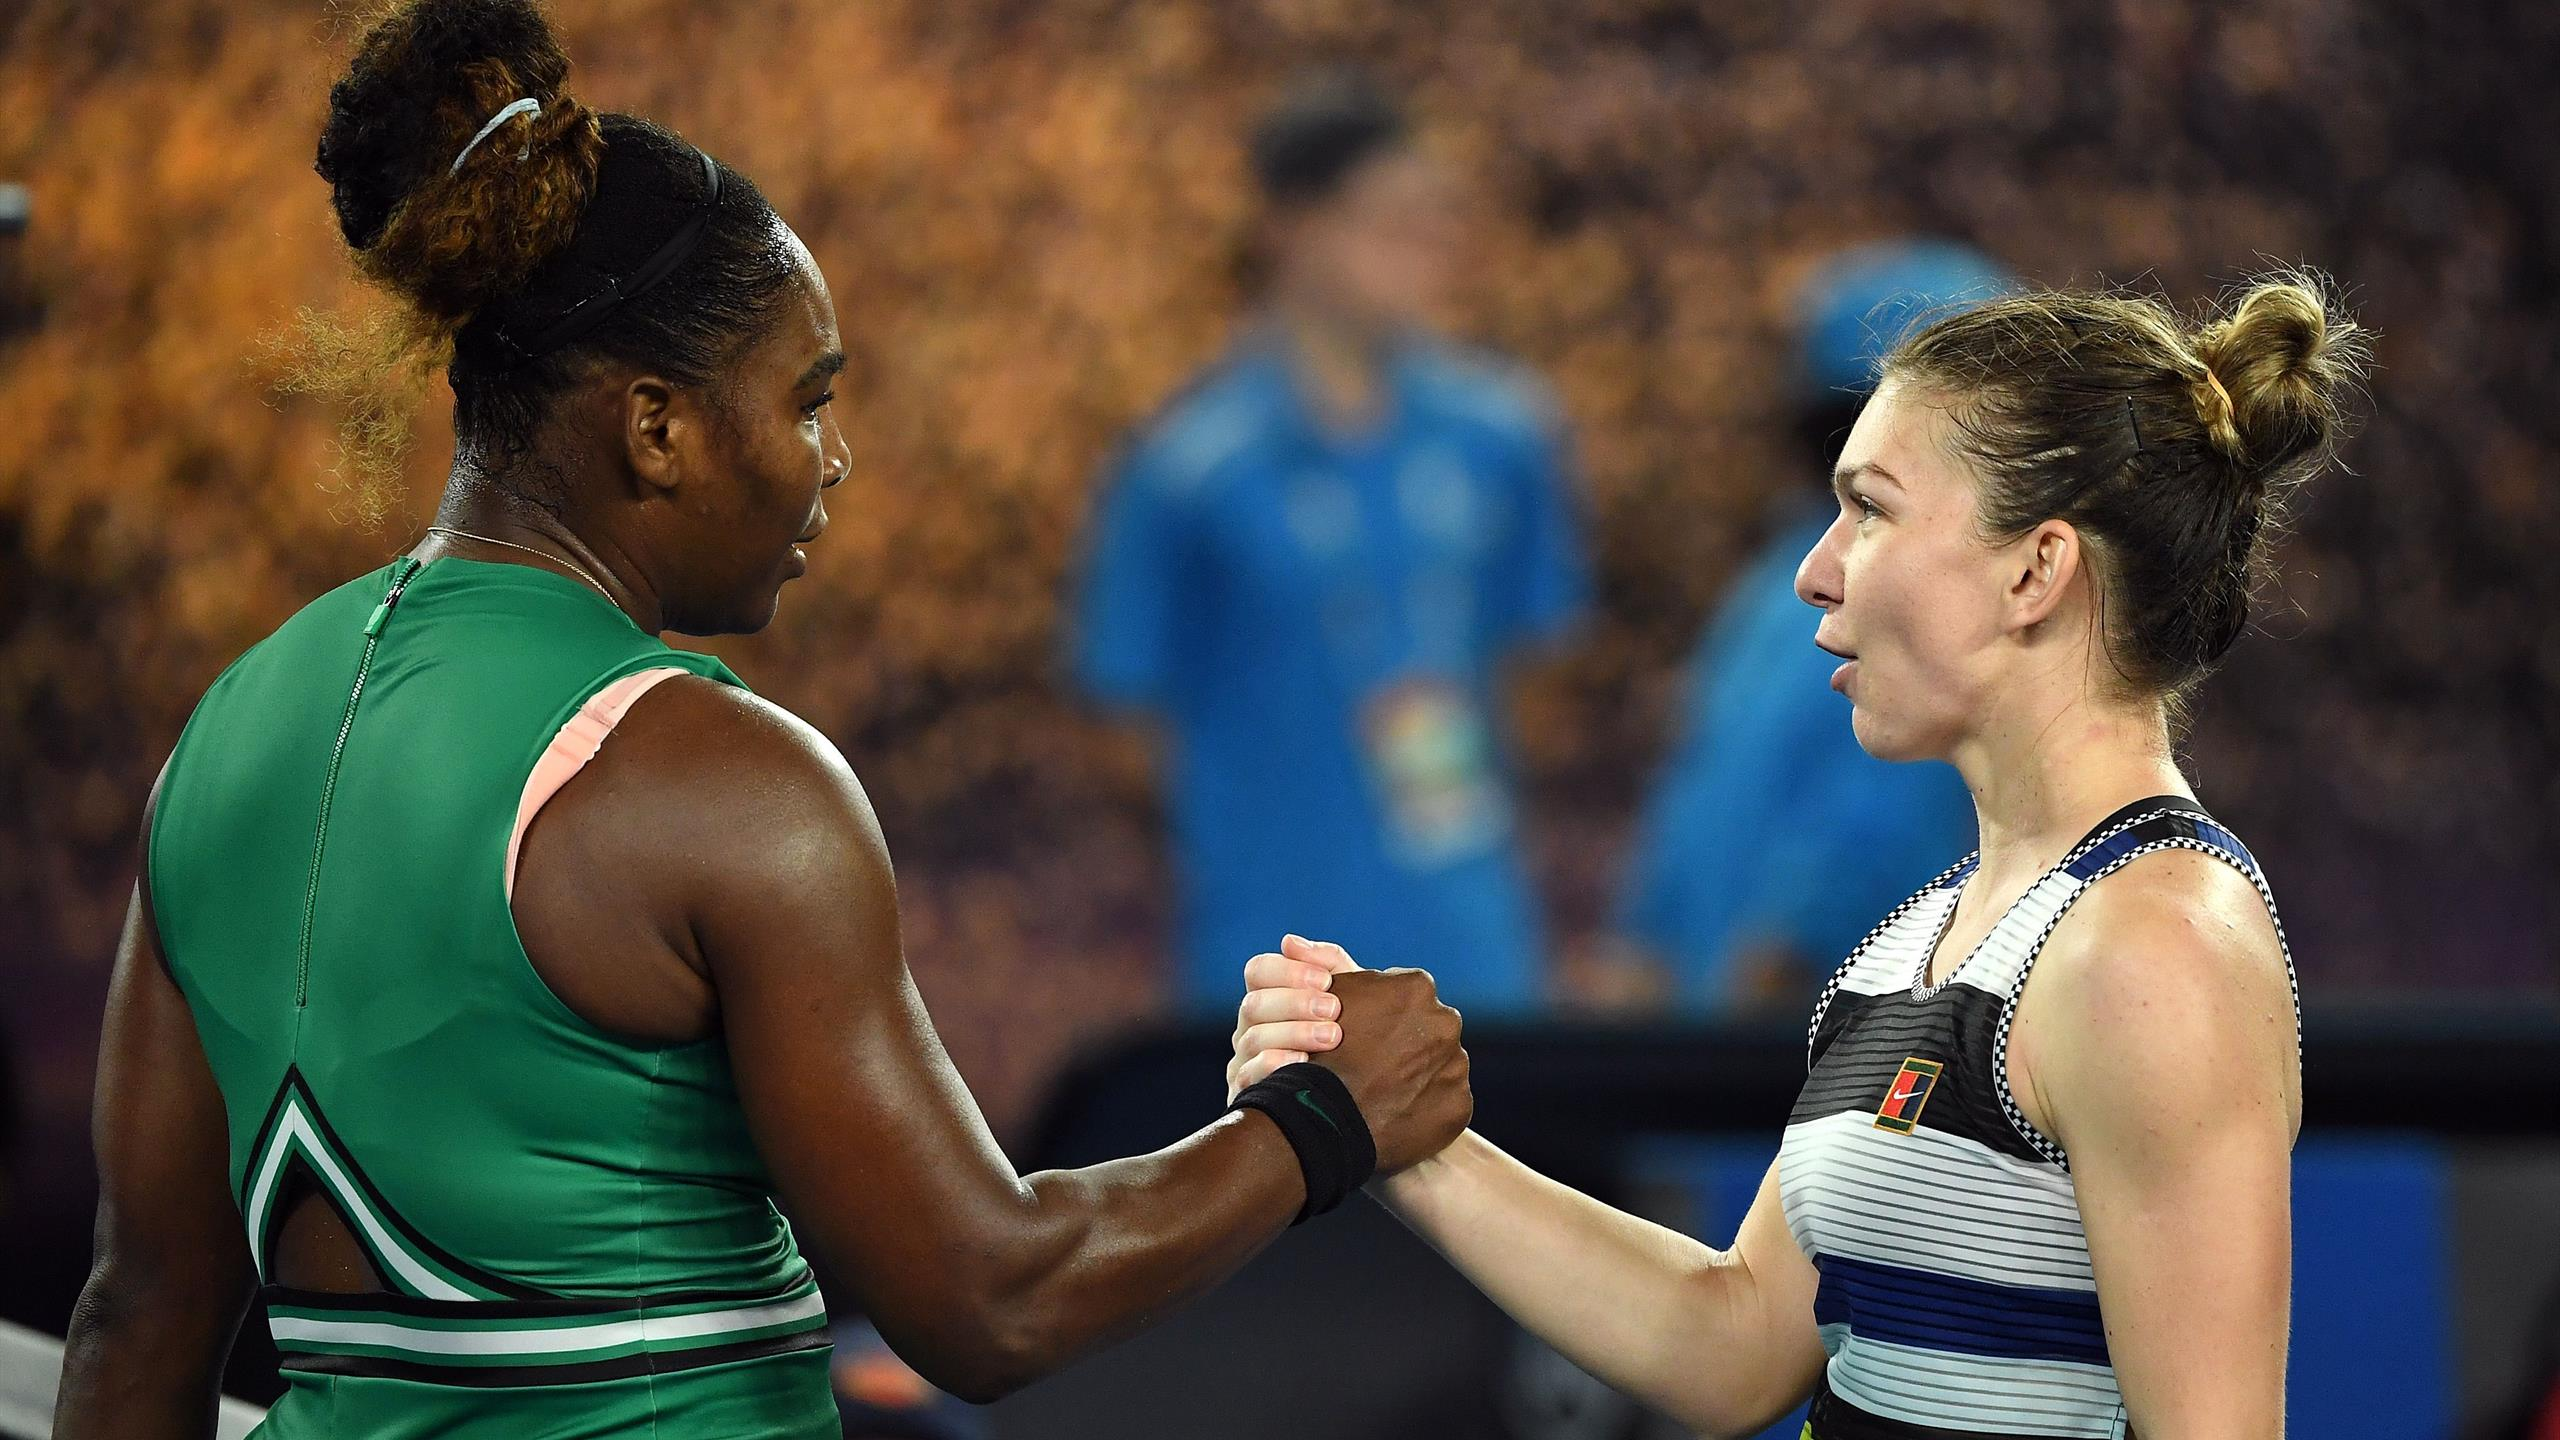 Классика Australian Open: Серена против Халеп в четвертом раунде-2019